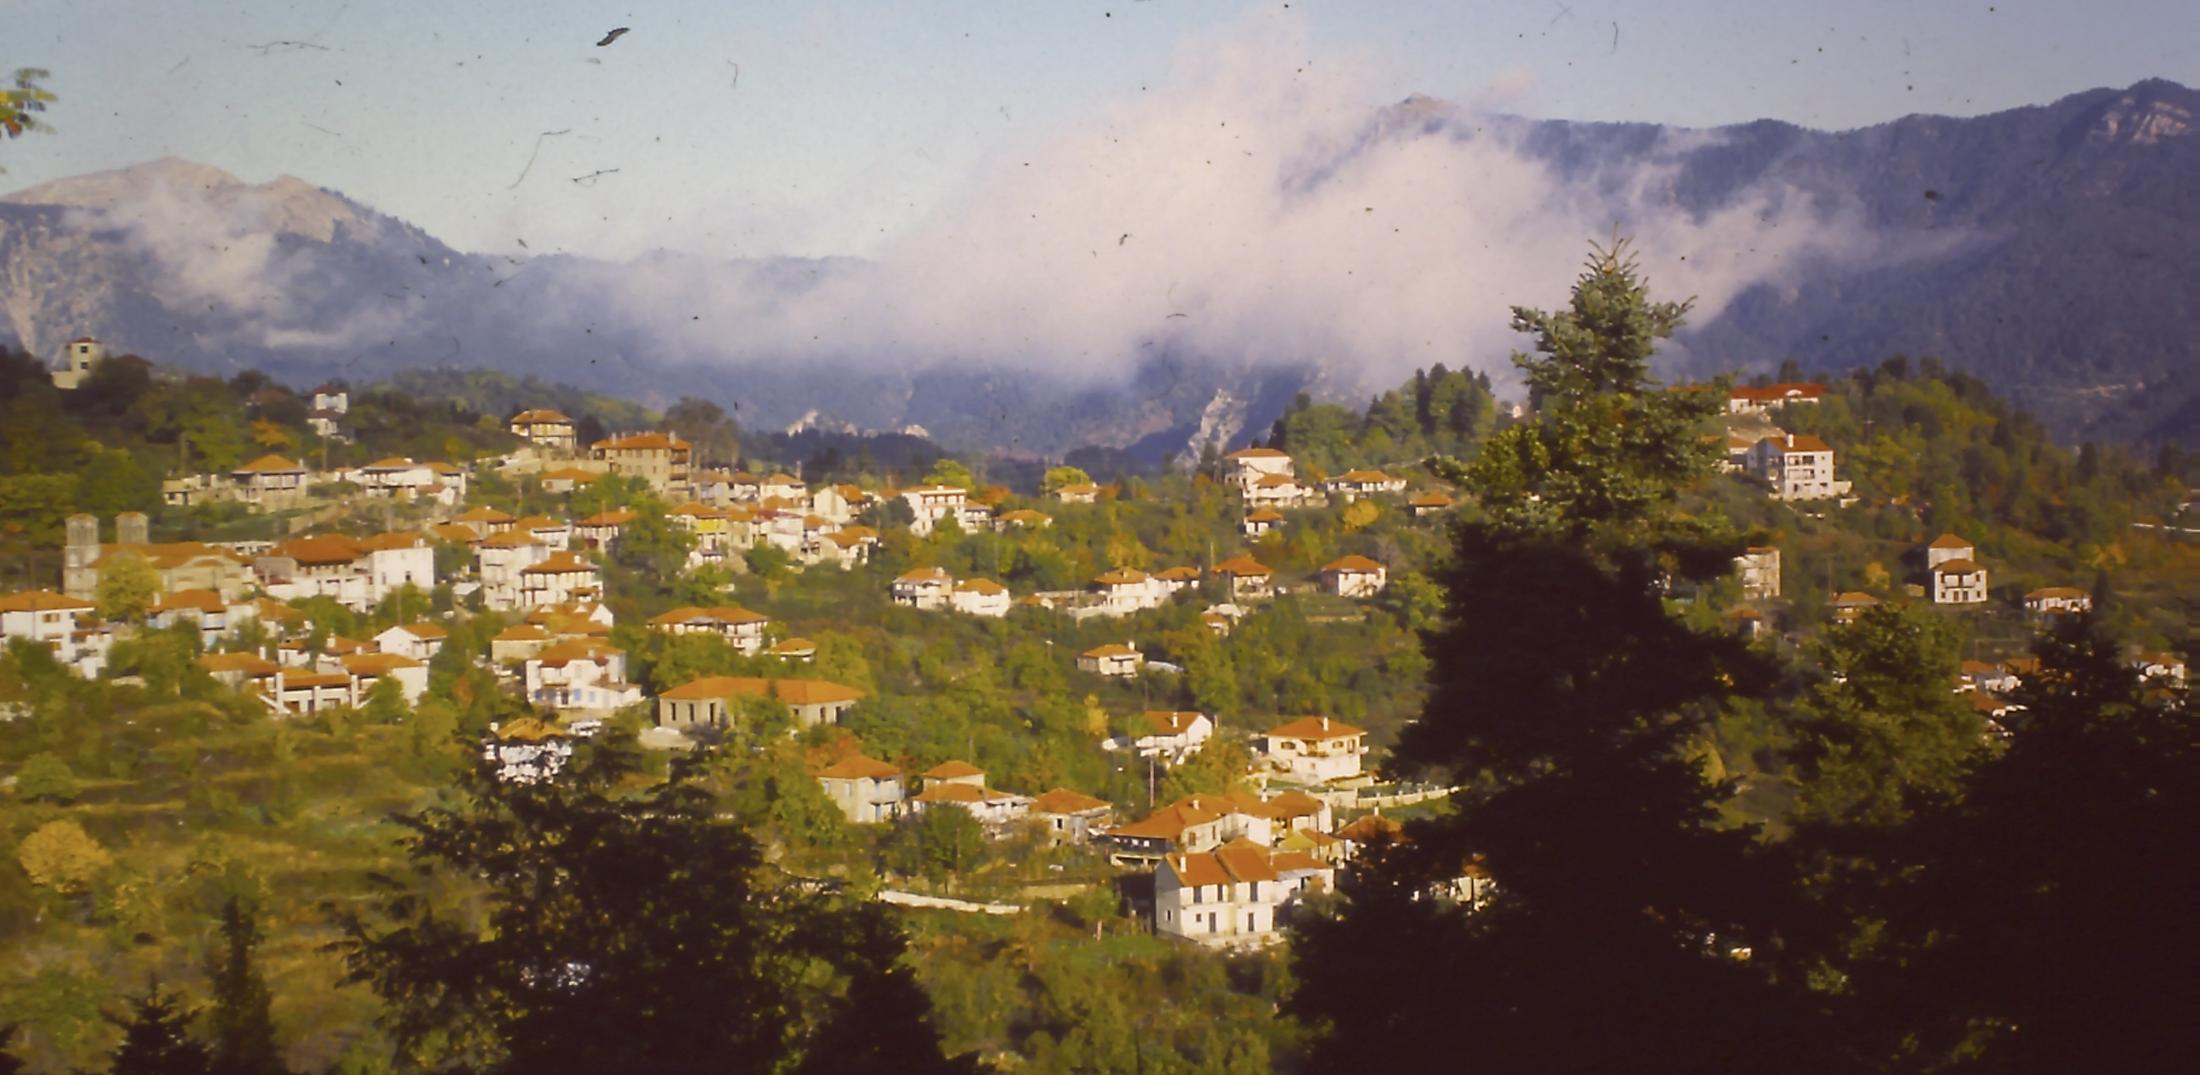 Κράβαρα_Ορεινή Ναυπακτία